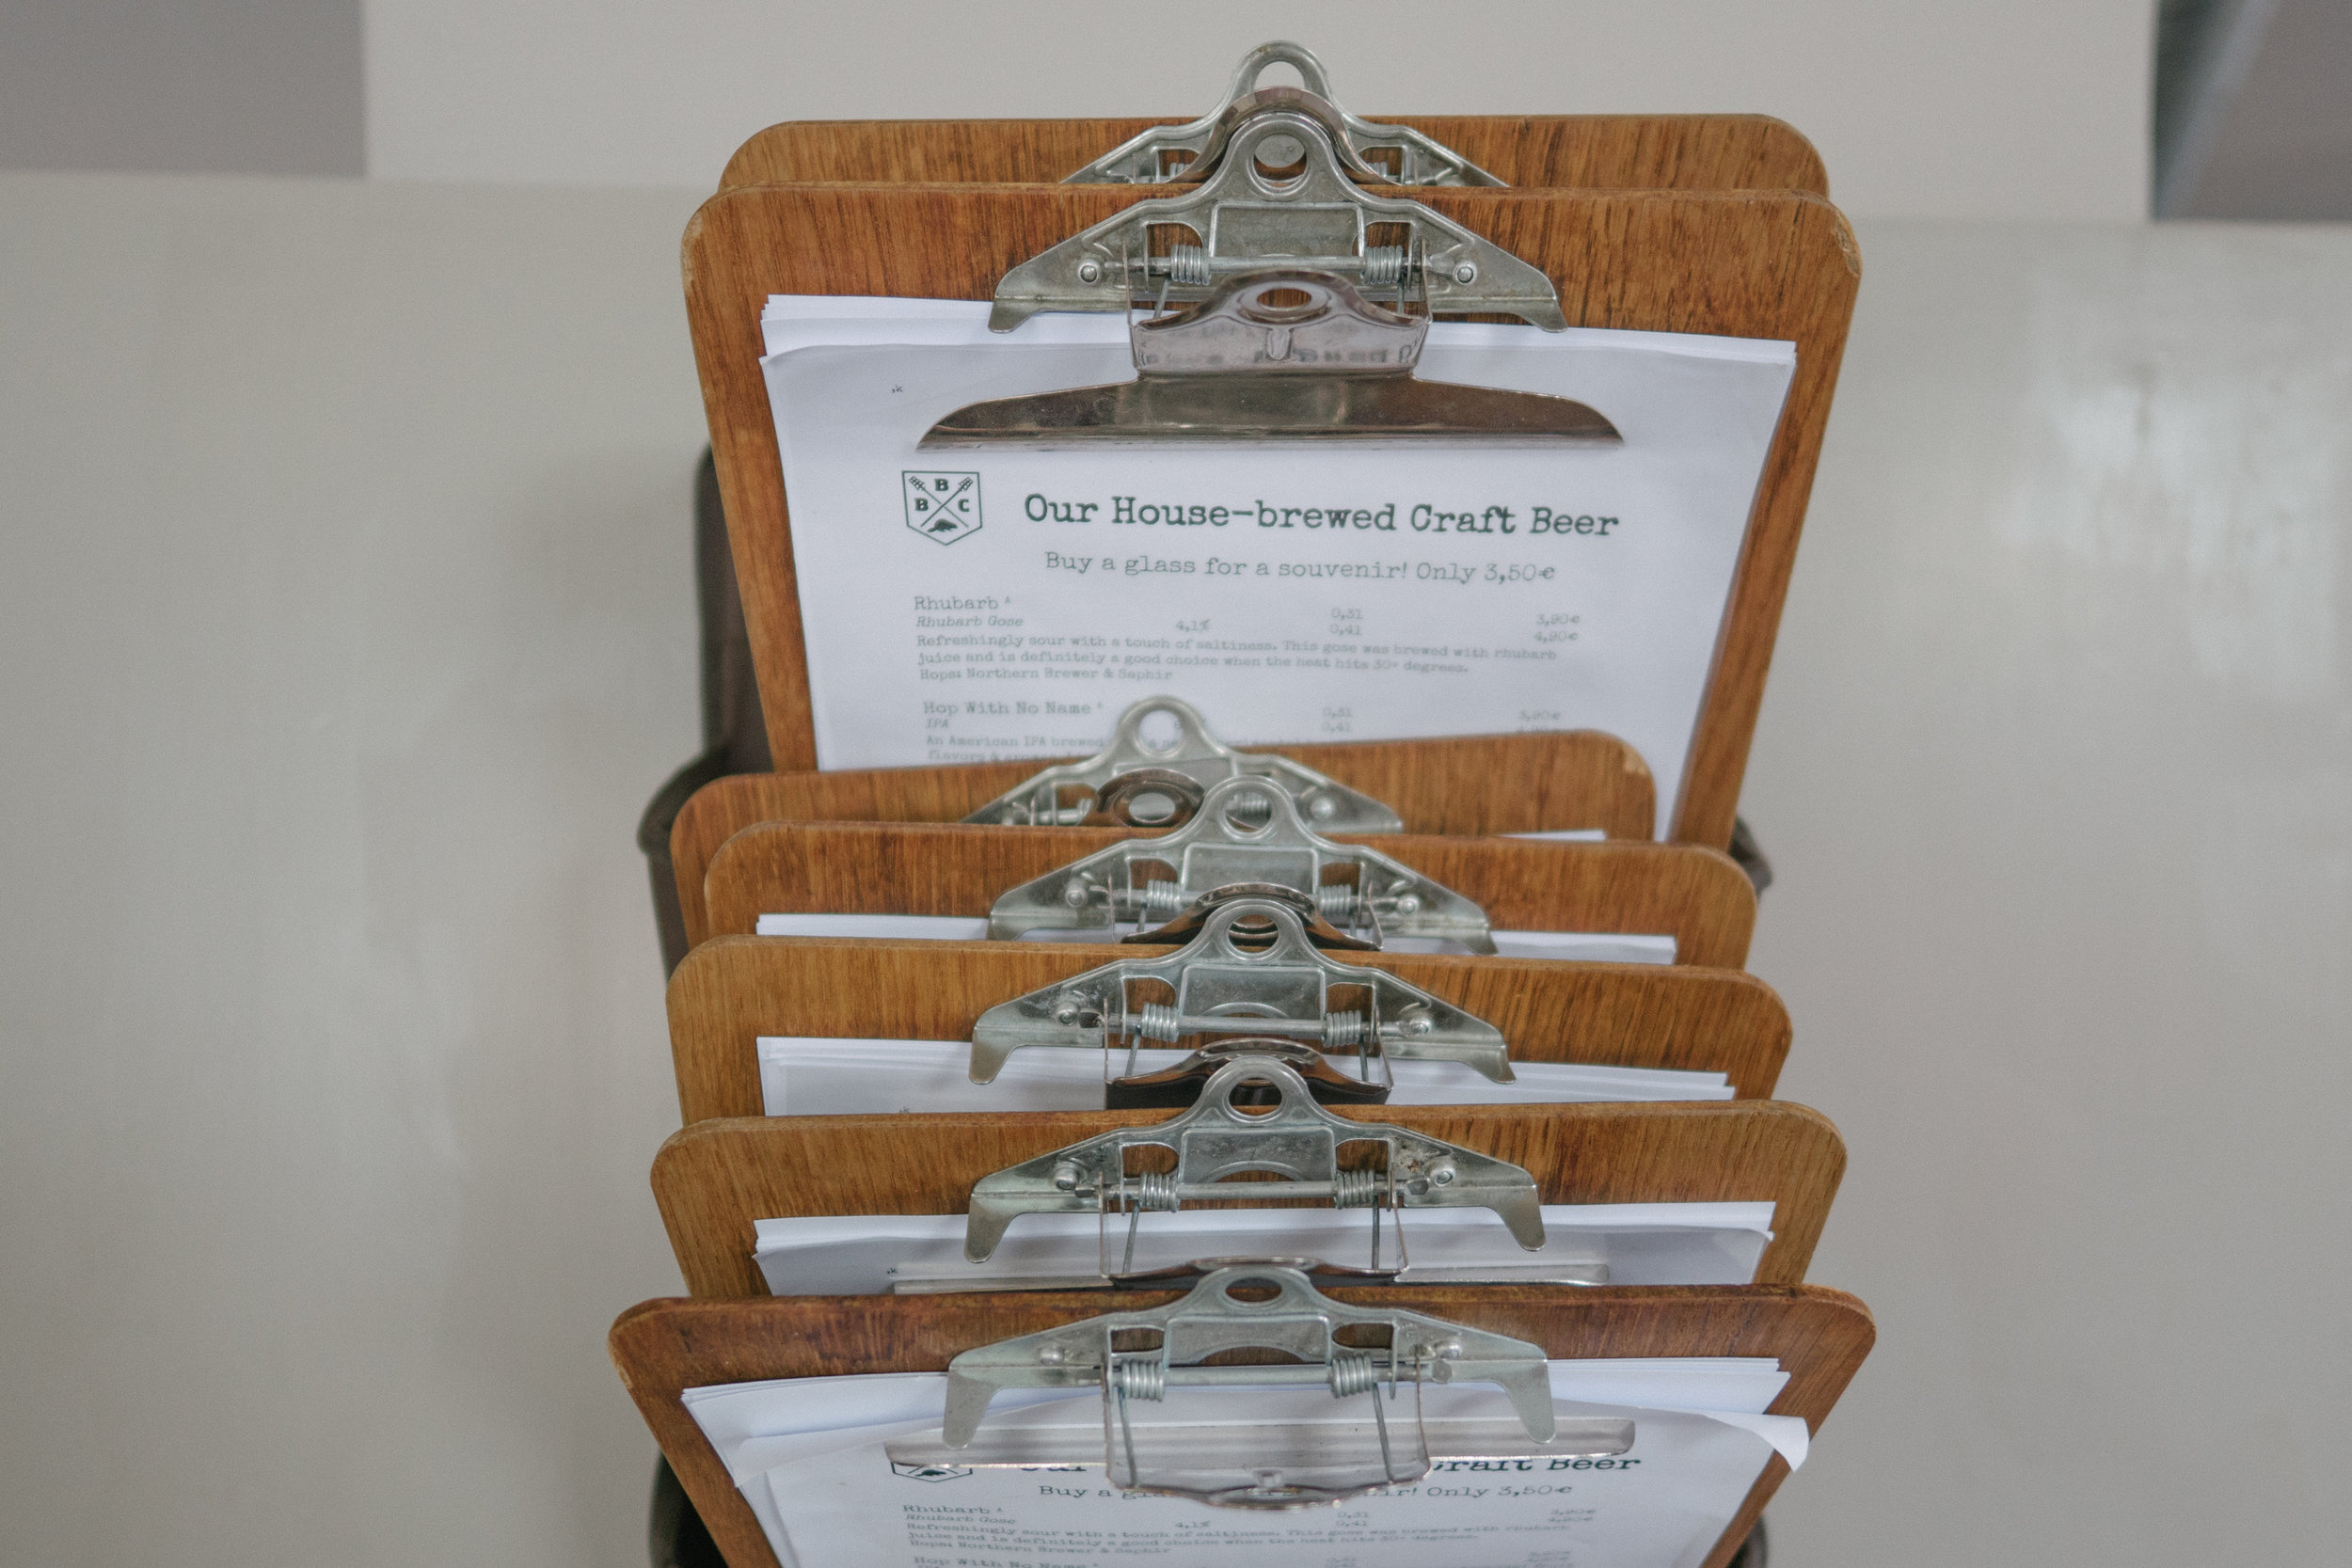 The menus at Beaver Brewery Company